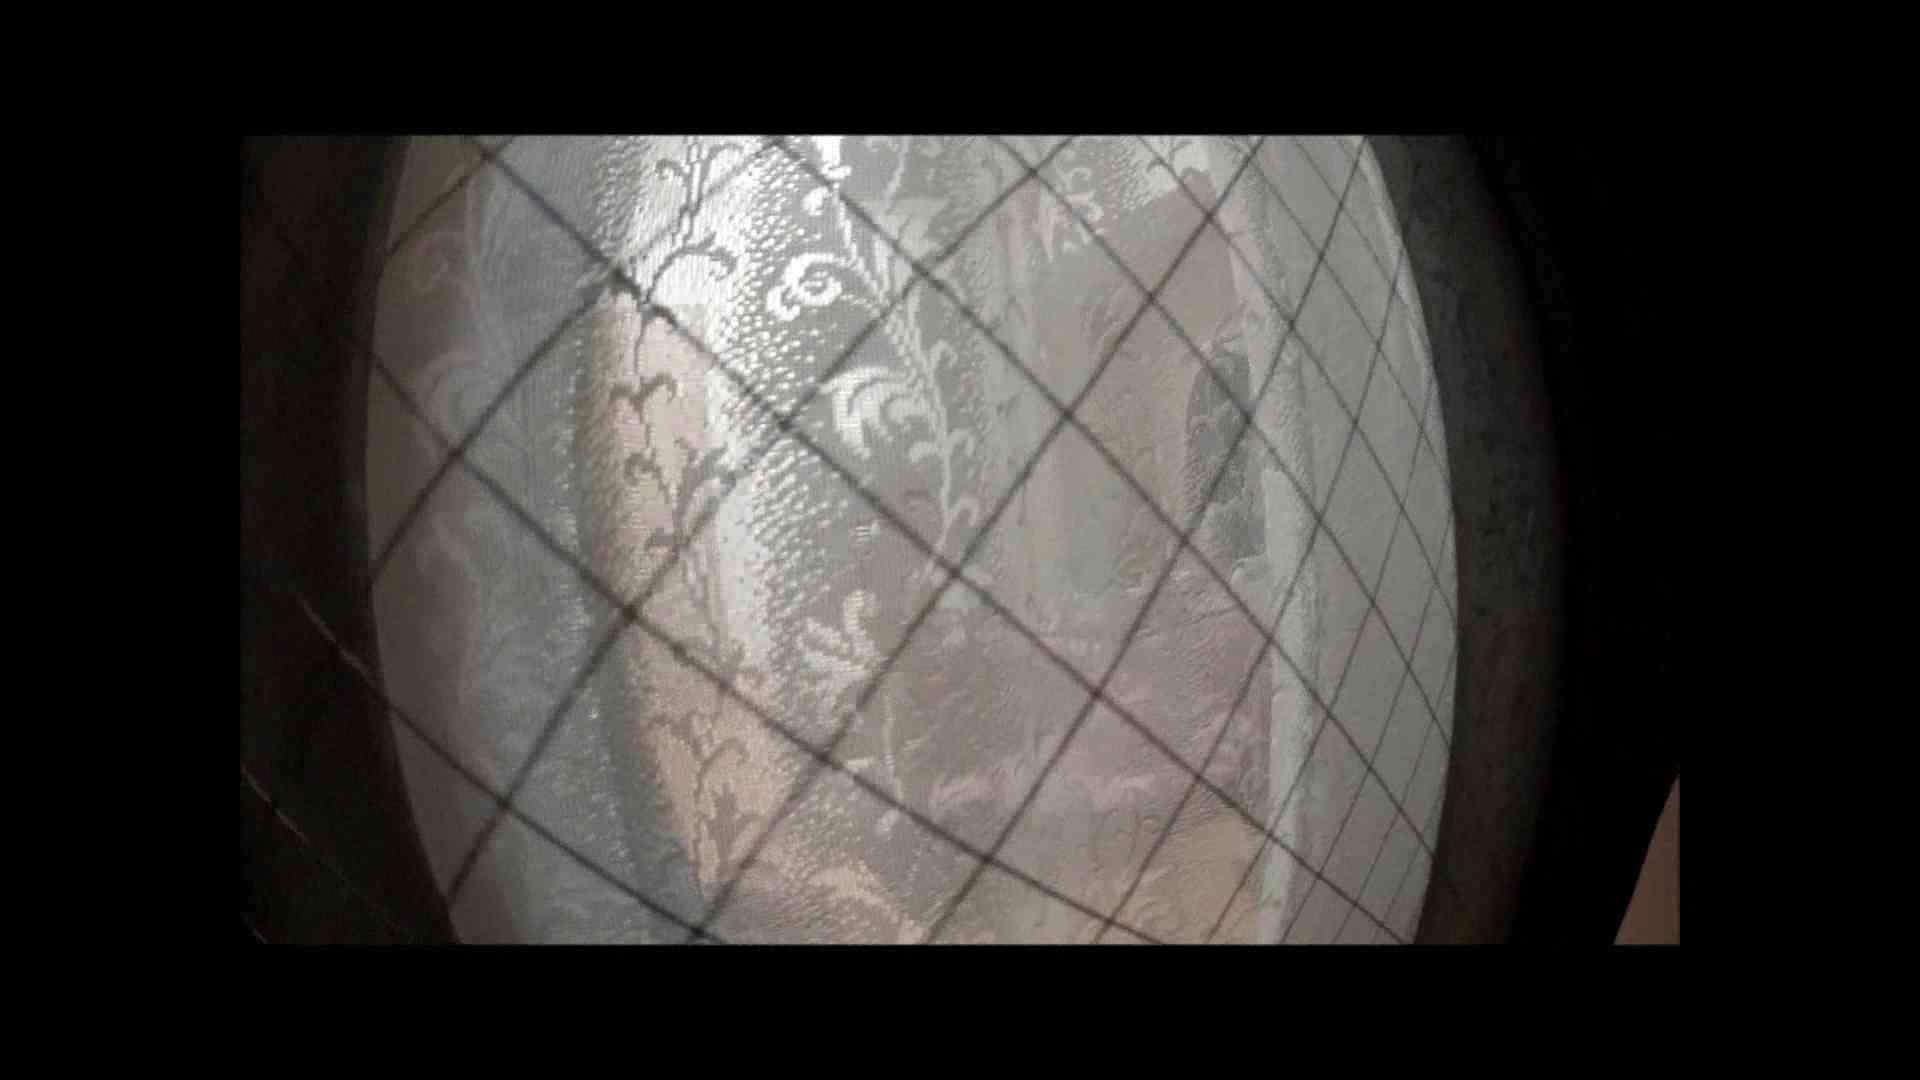 【04】別の日・・・魚眼レンズで広角に撮れました。 Hな熟女 えろ無修正画像 111pic 111